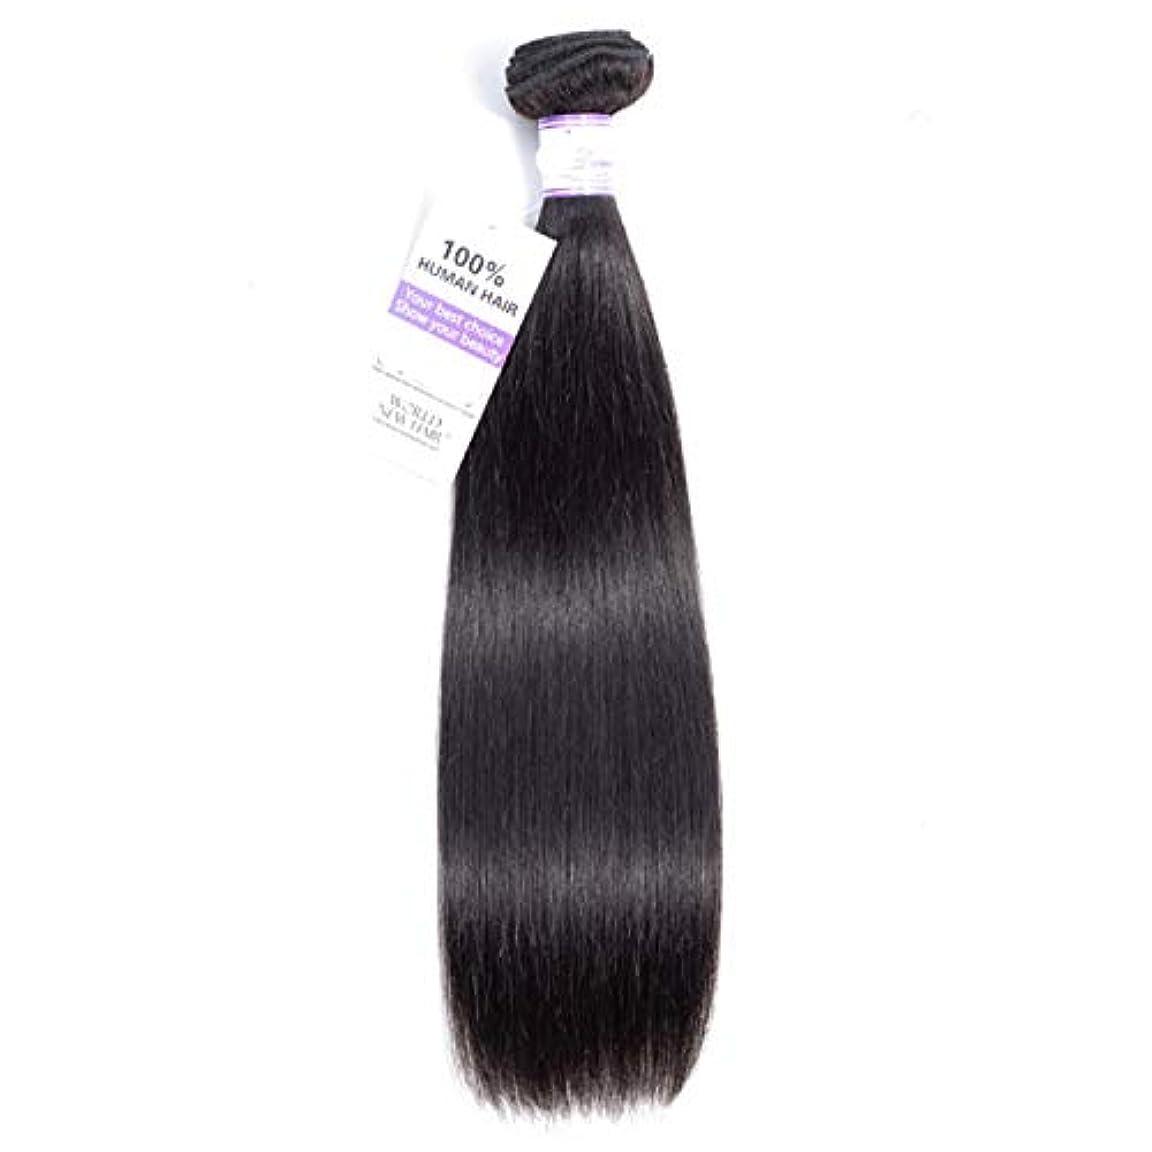 純粋にバケット耕すブラジルストレートヘアバンドル8-28インチ100%人毛織りのremy髪ナチュラルカラー1ピース髪織り (Stretched Length : 22inches)